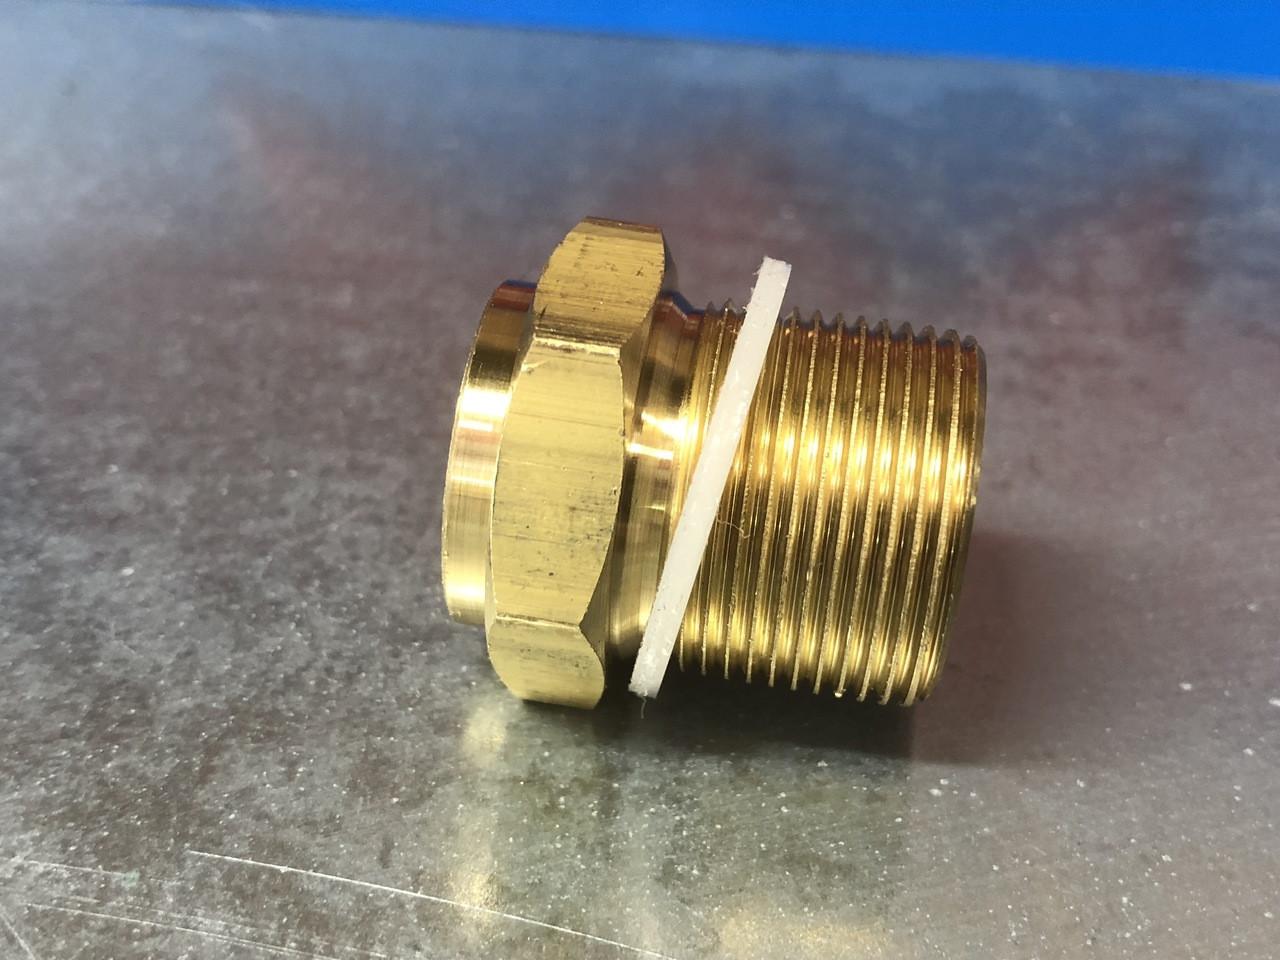 Fuel filter Housing, long threads 7/8x20, New